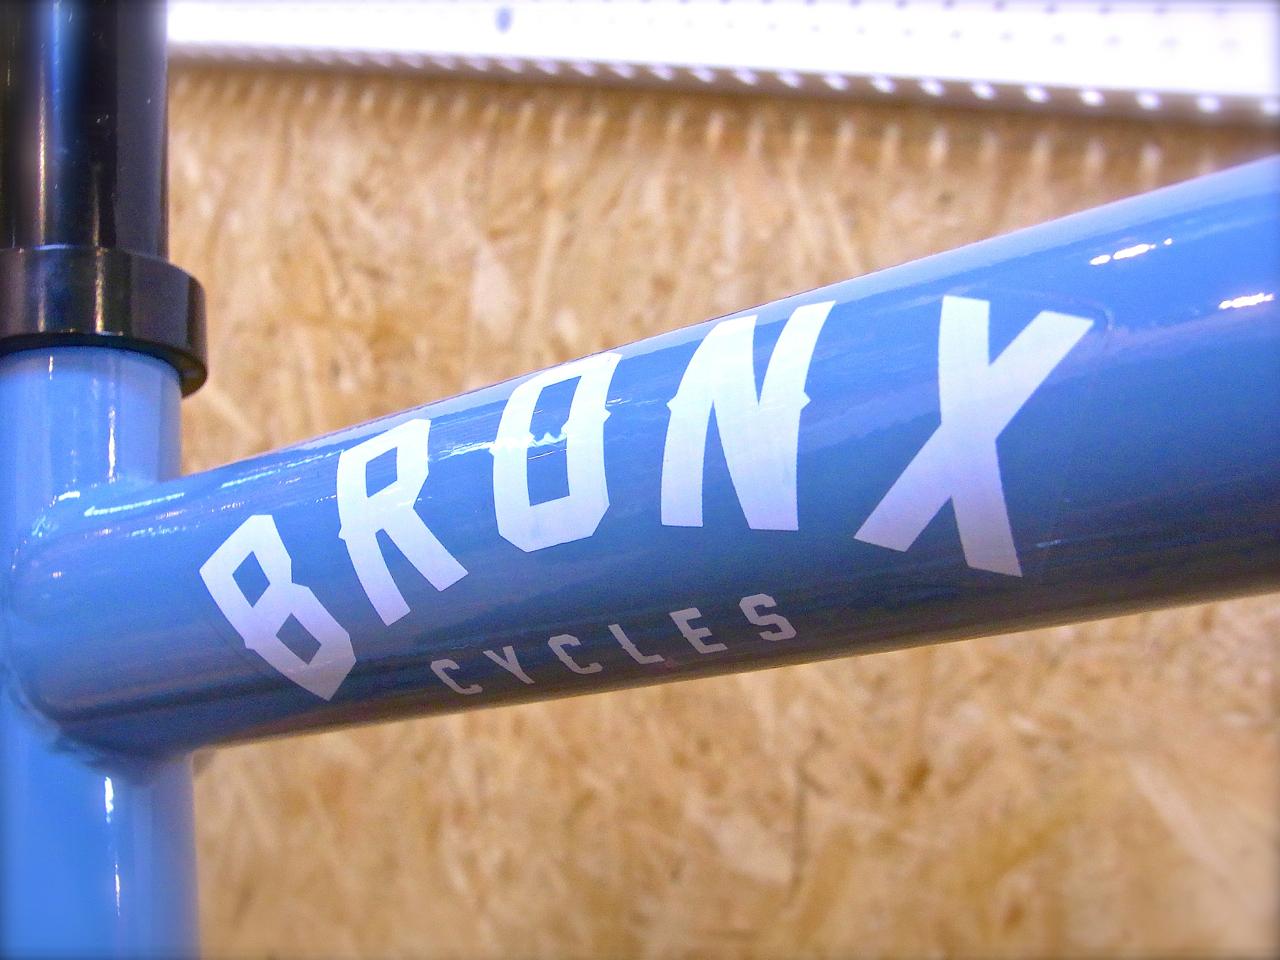 fatbike bronx ファットバイク ブロンクス